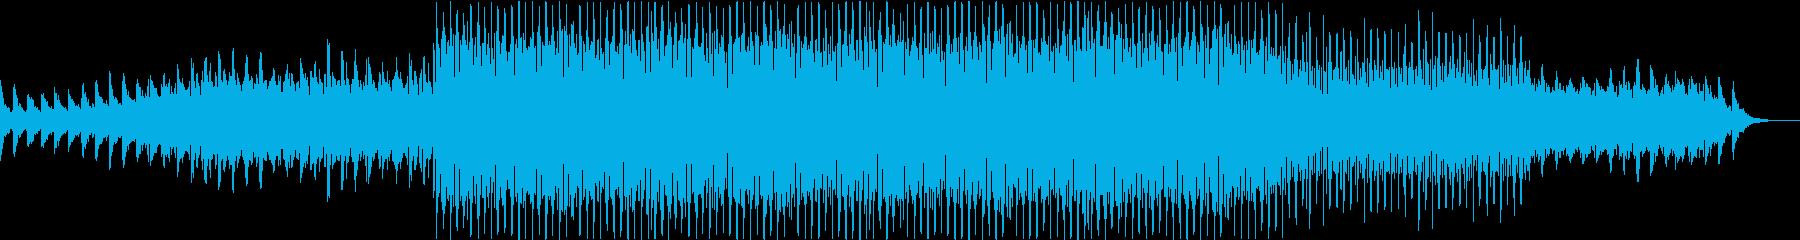 レトロなエレクトロ☆80sシンセウェーブの再生済みの波形